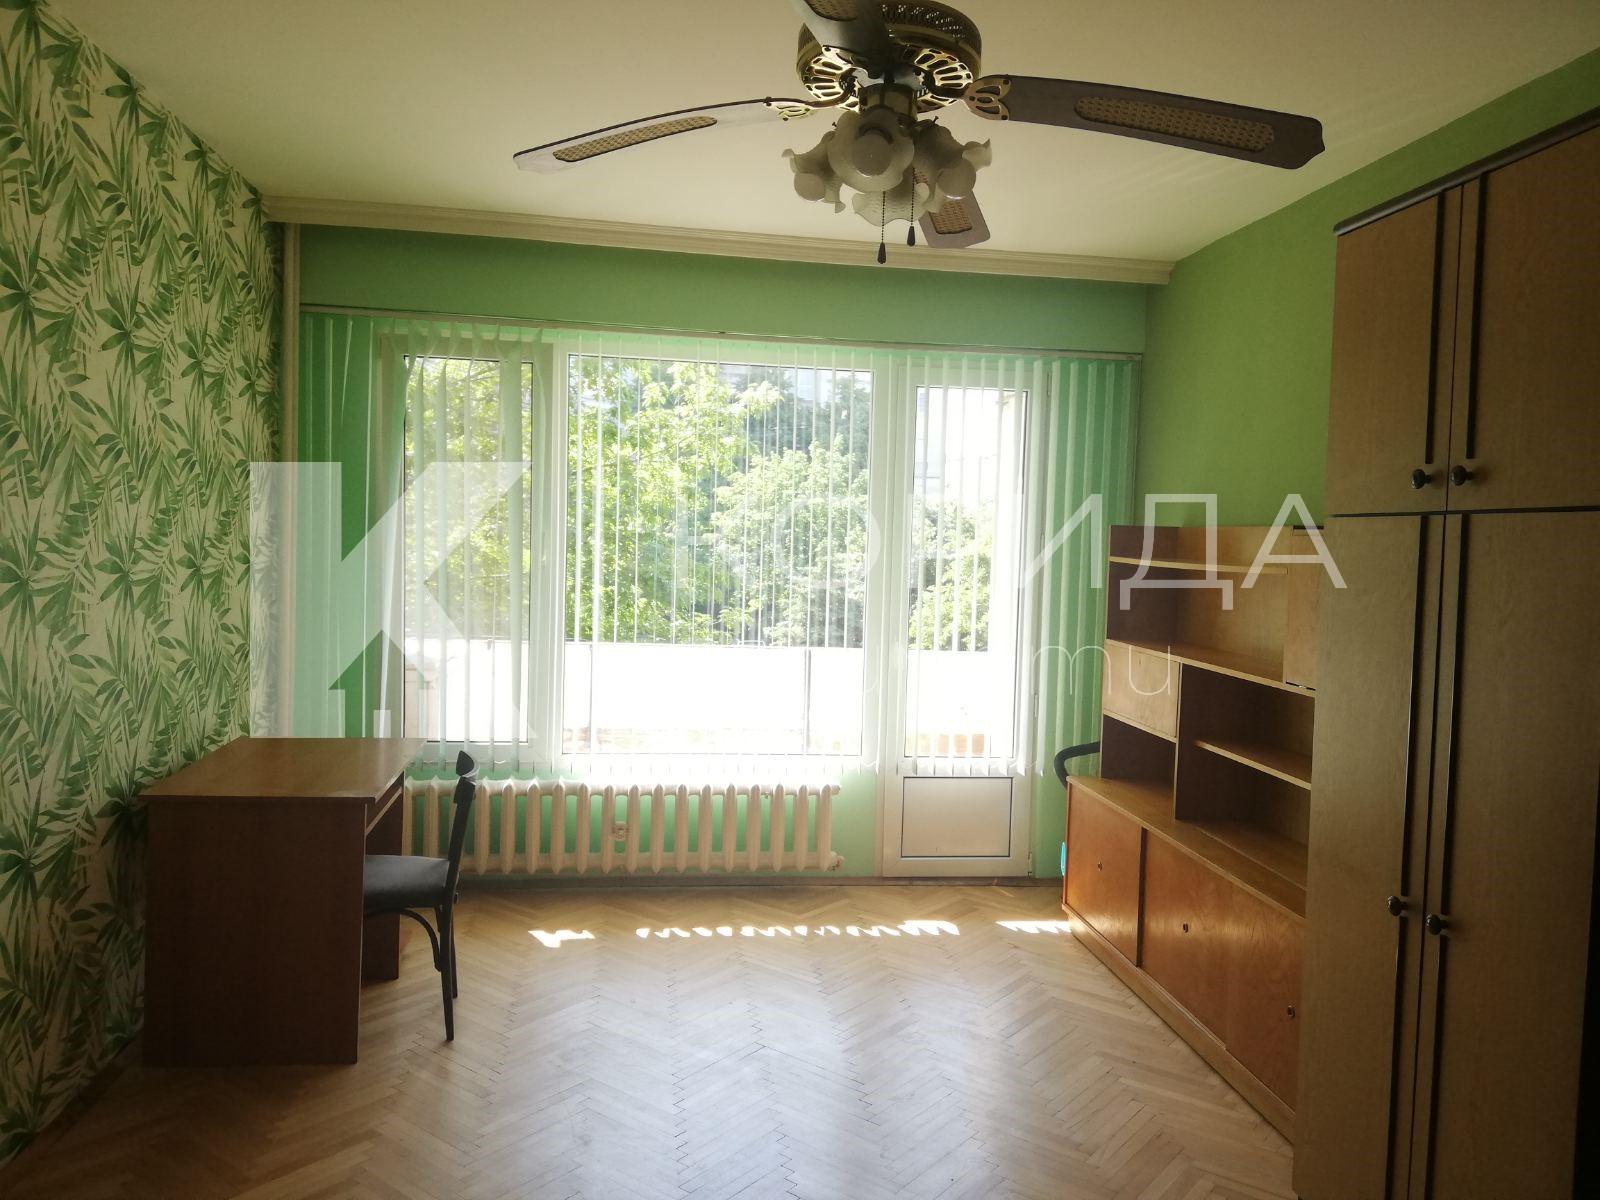 2-стаен апартамент до магазин Фантастико в ж.к. Люлин 1